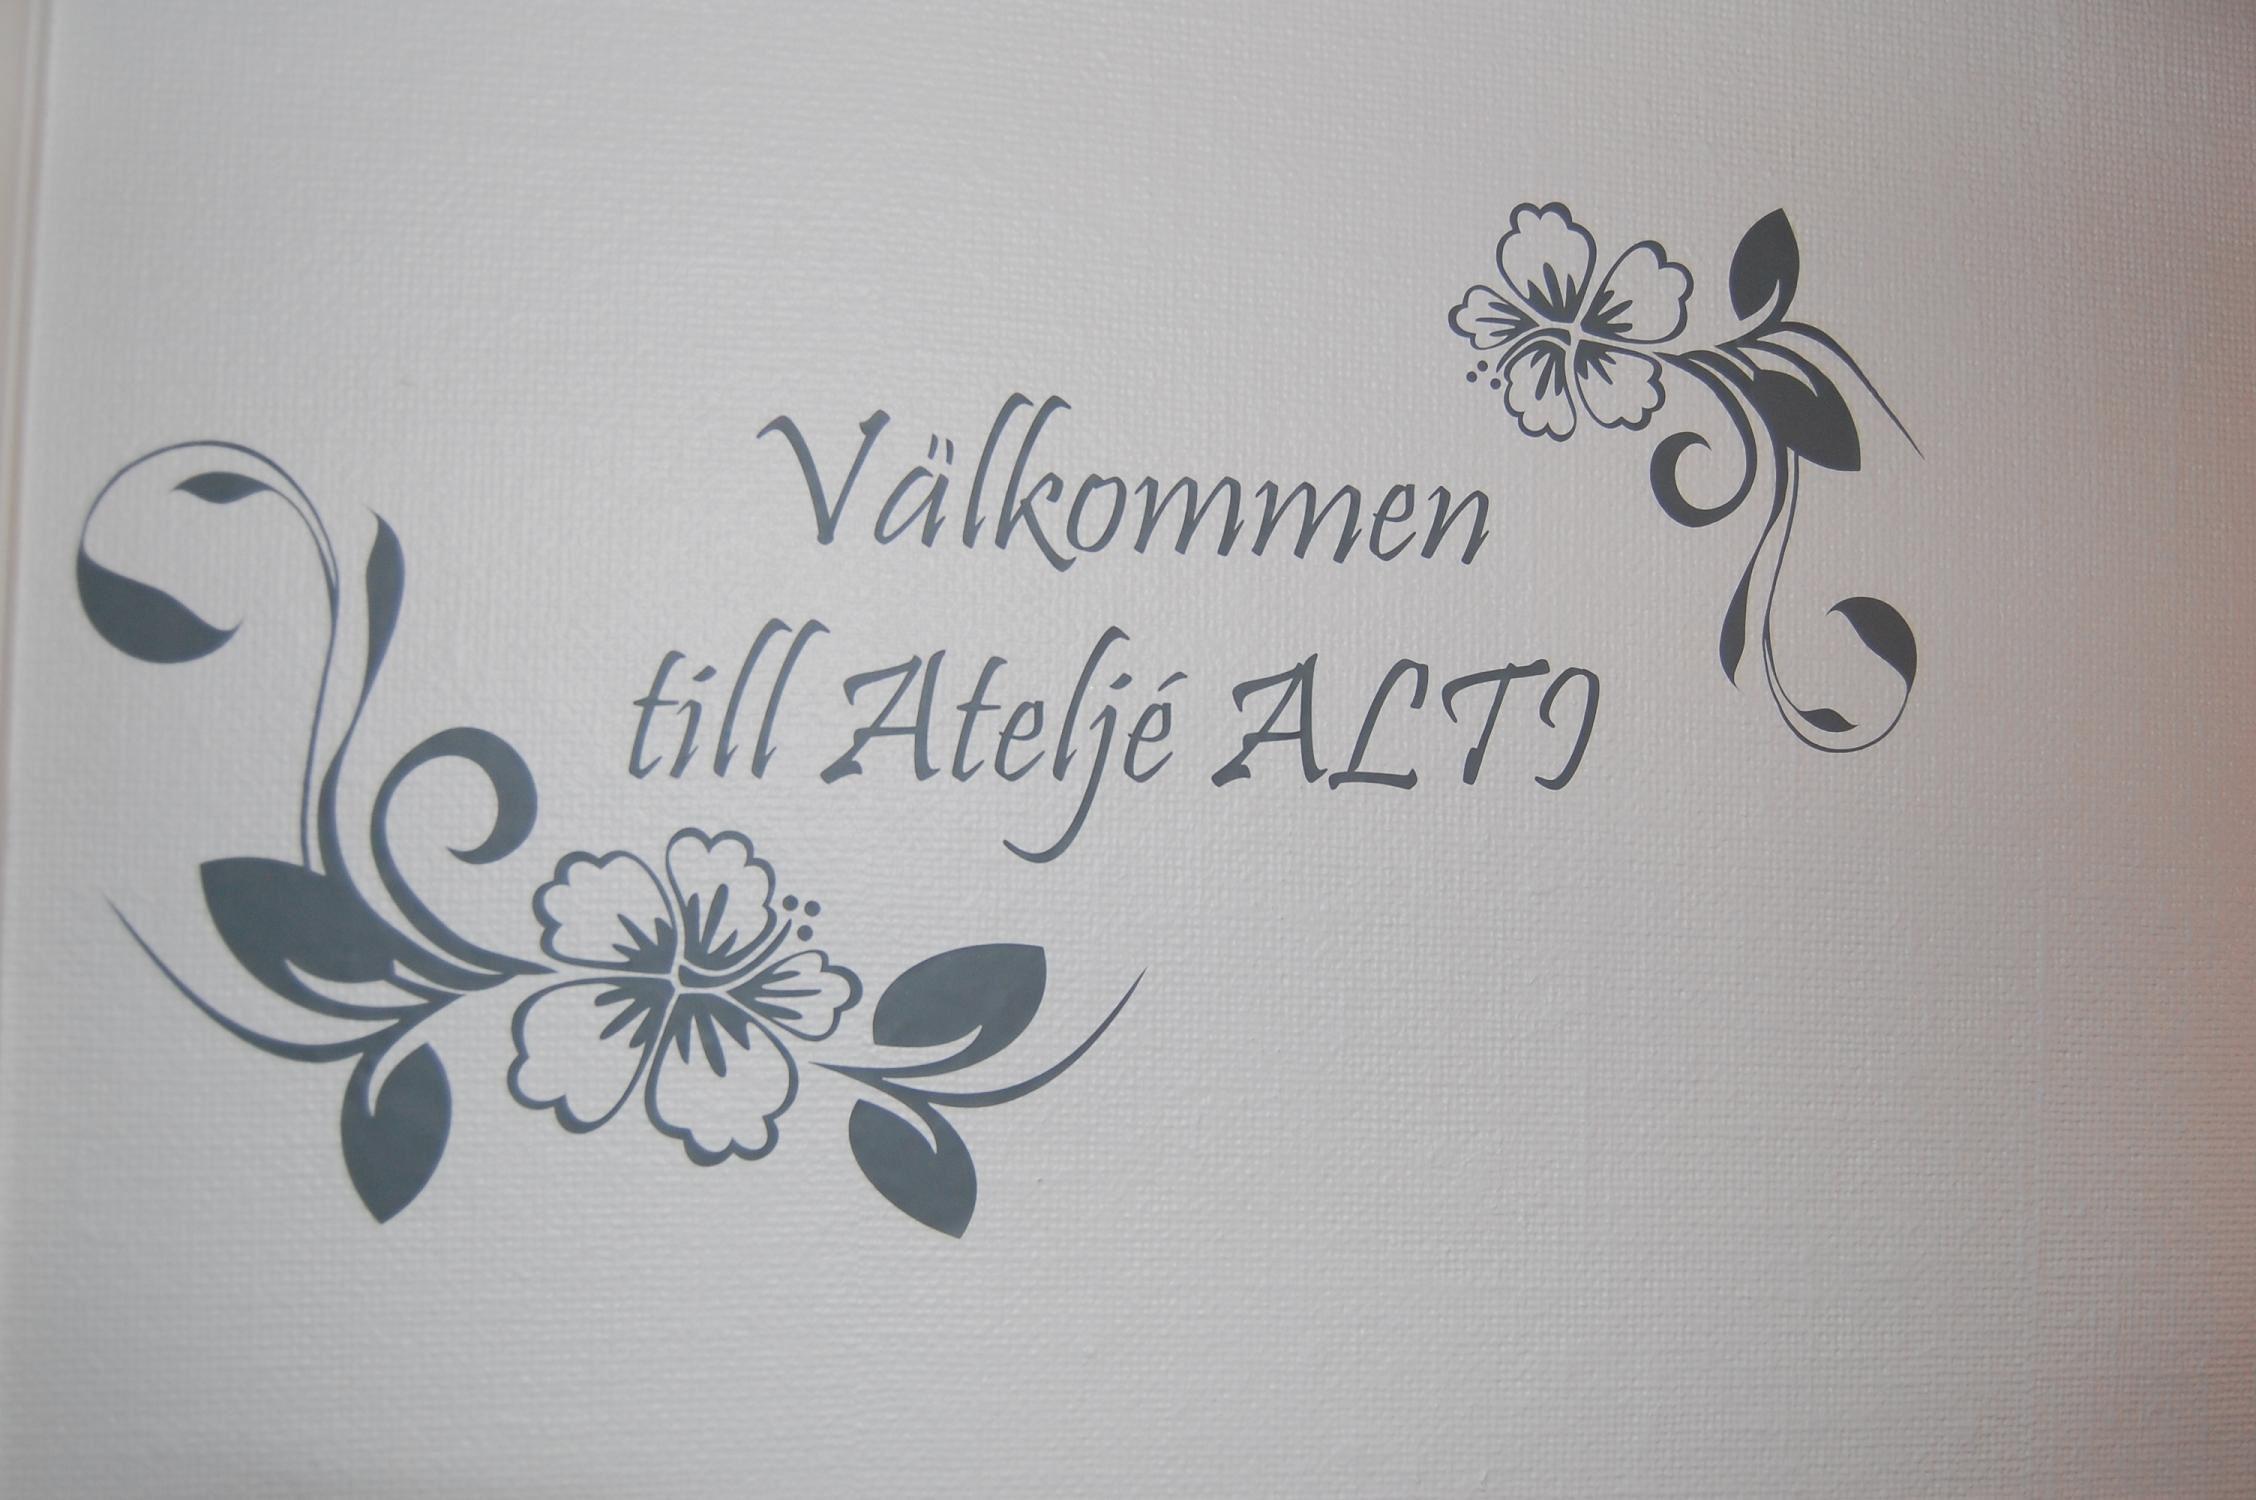 Ateljé Alti